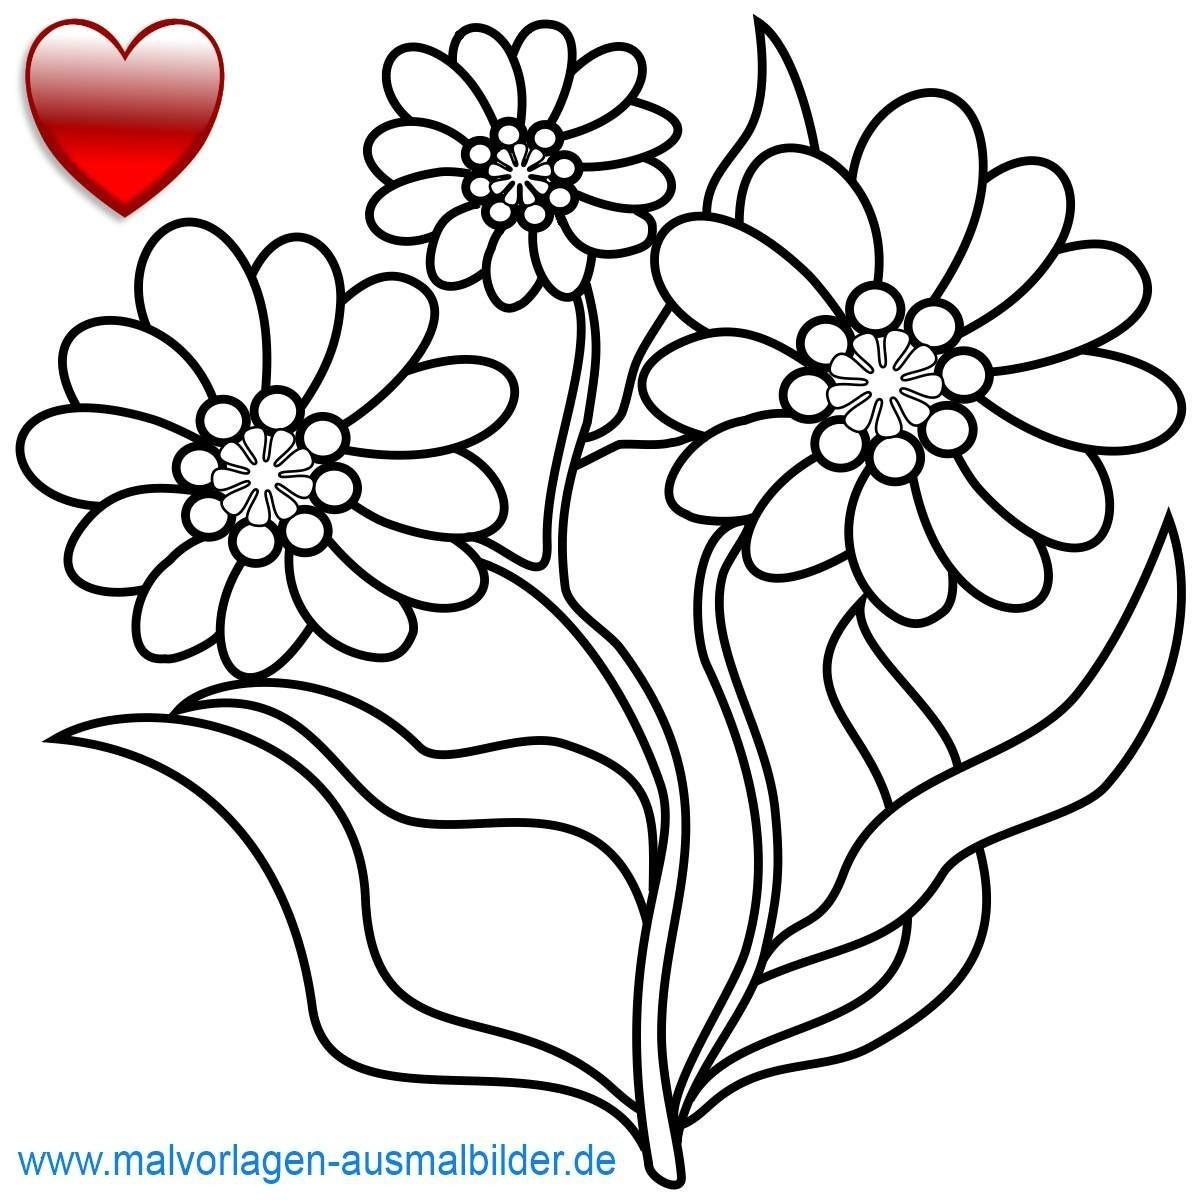 Blumenranken Zum Ausdrucken Das Beste Von 47 Schön Blumen Malvorlagen Beste Malvorlage Sammlung